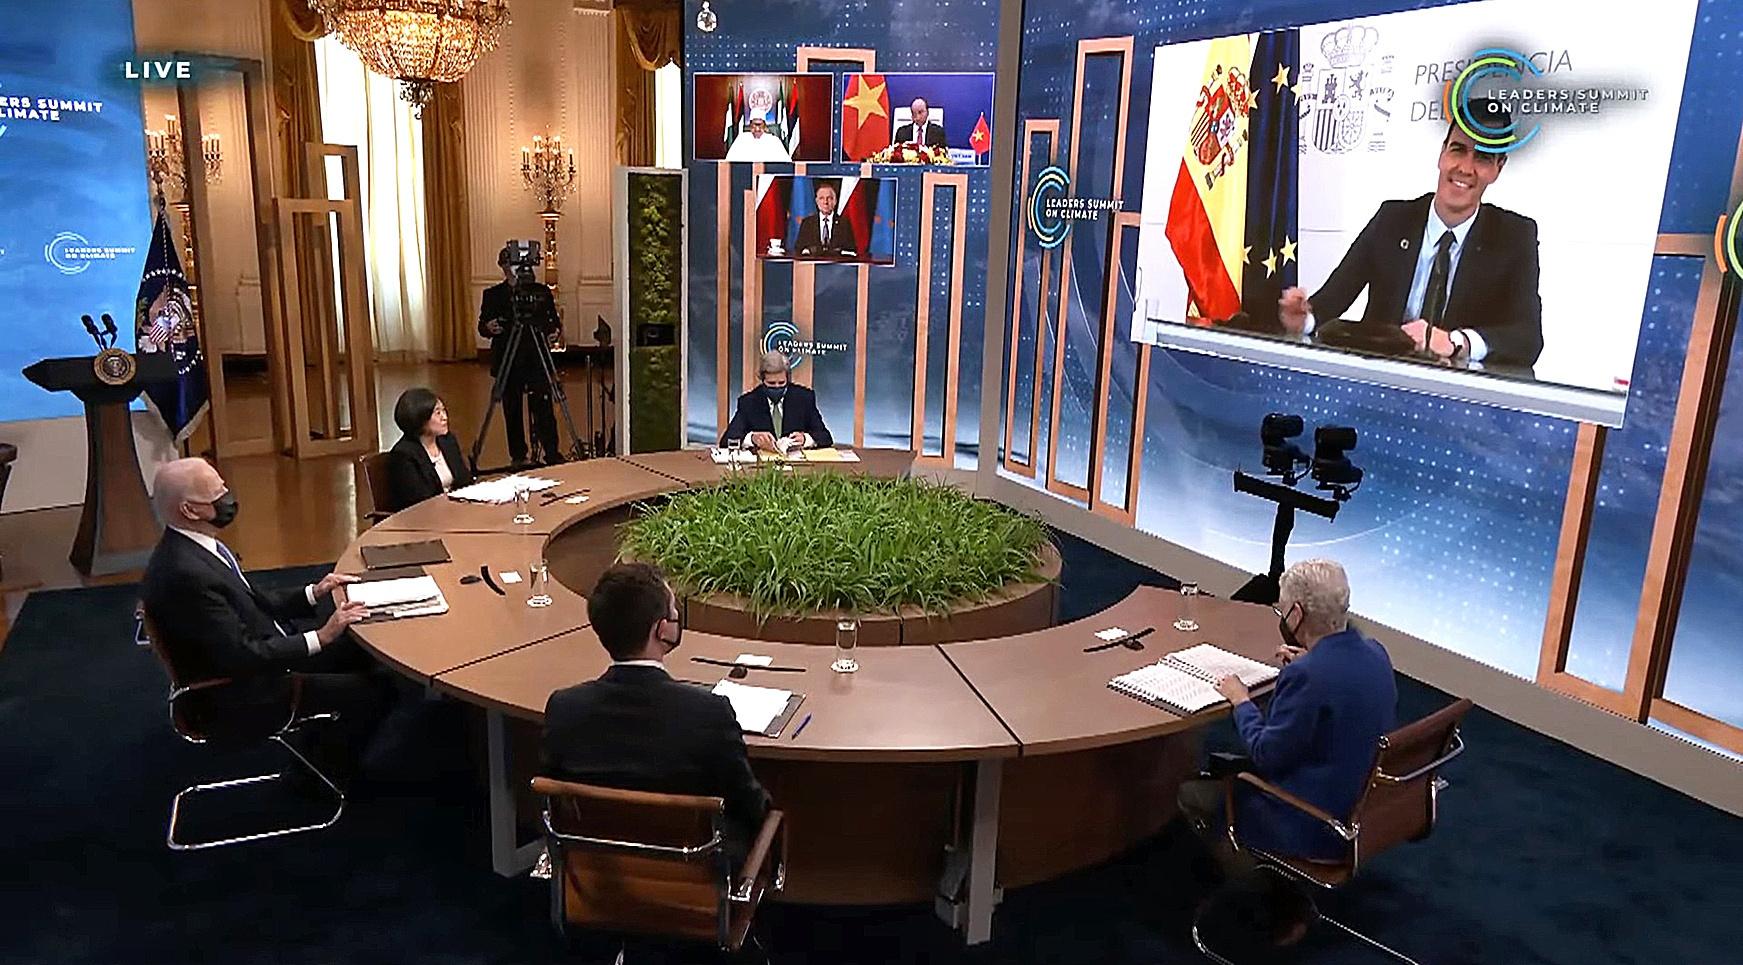 Joe Biden preside la sesión en la que intervino este viernes Pedro Sánchez (en la pantalla)